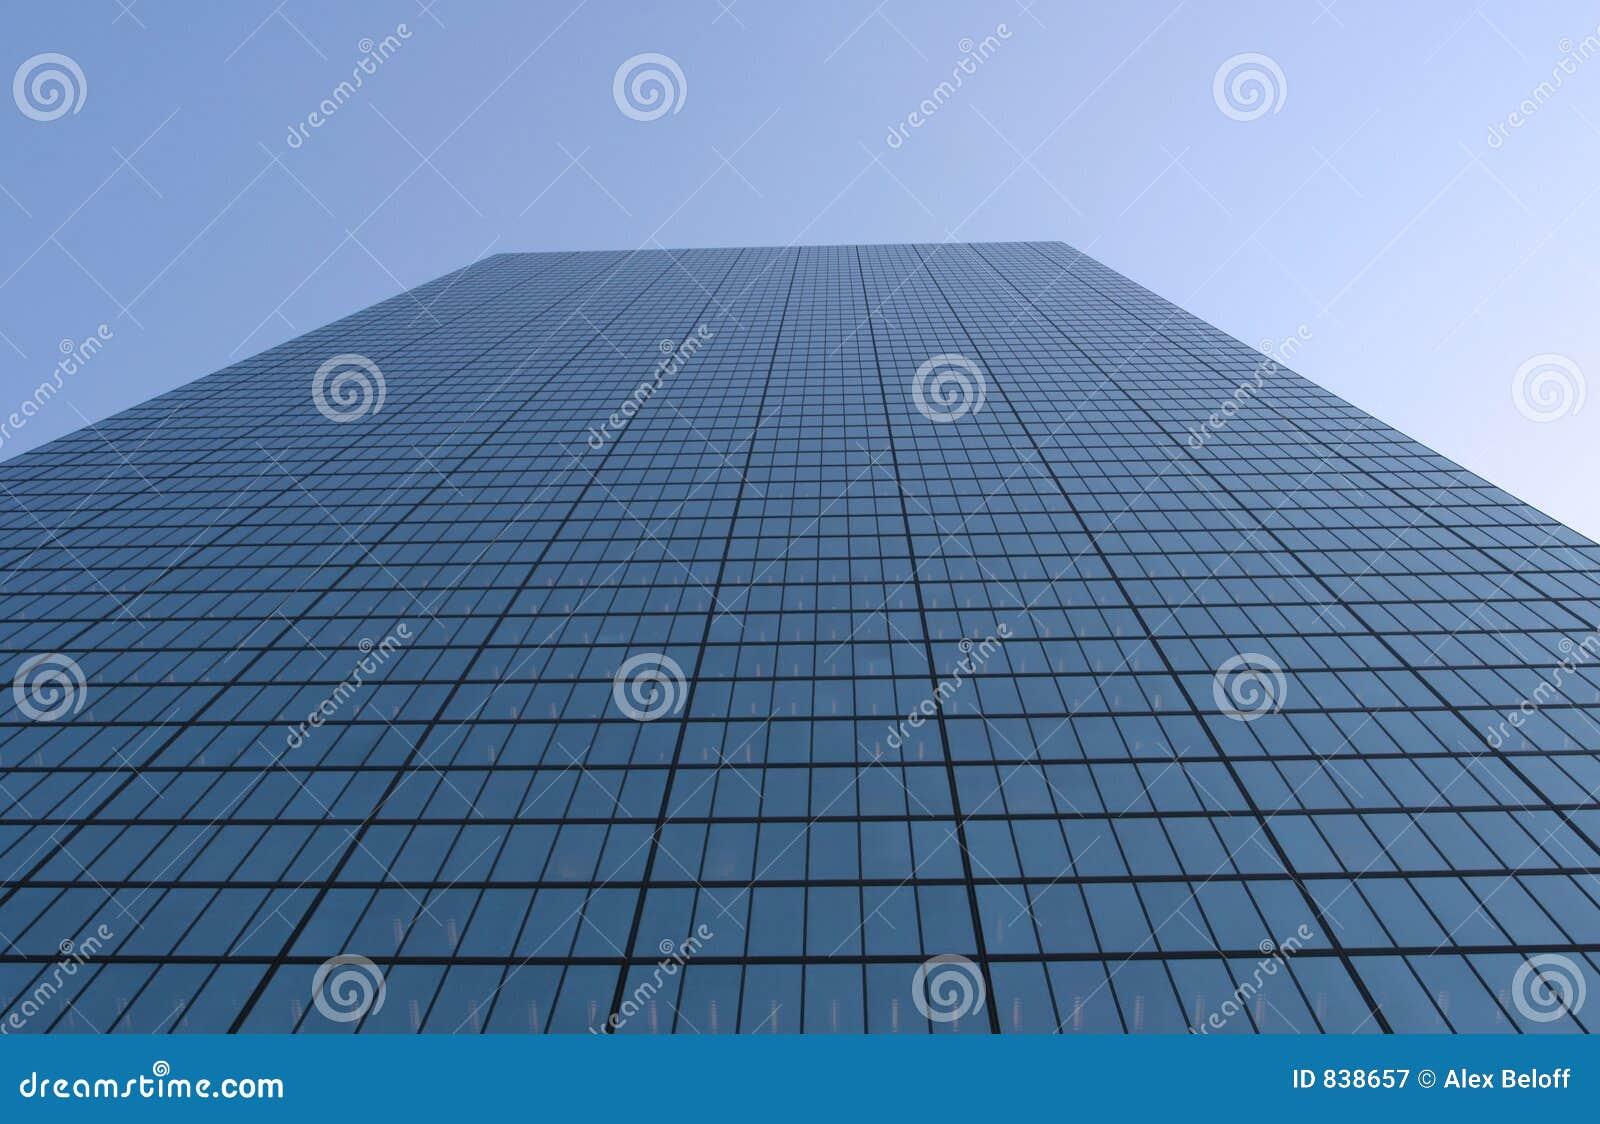 Skyscraper wide angle view